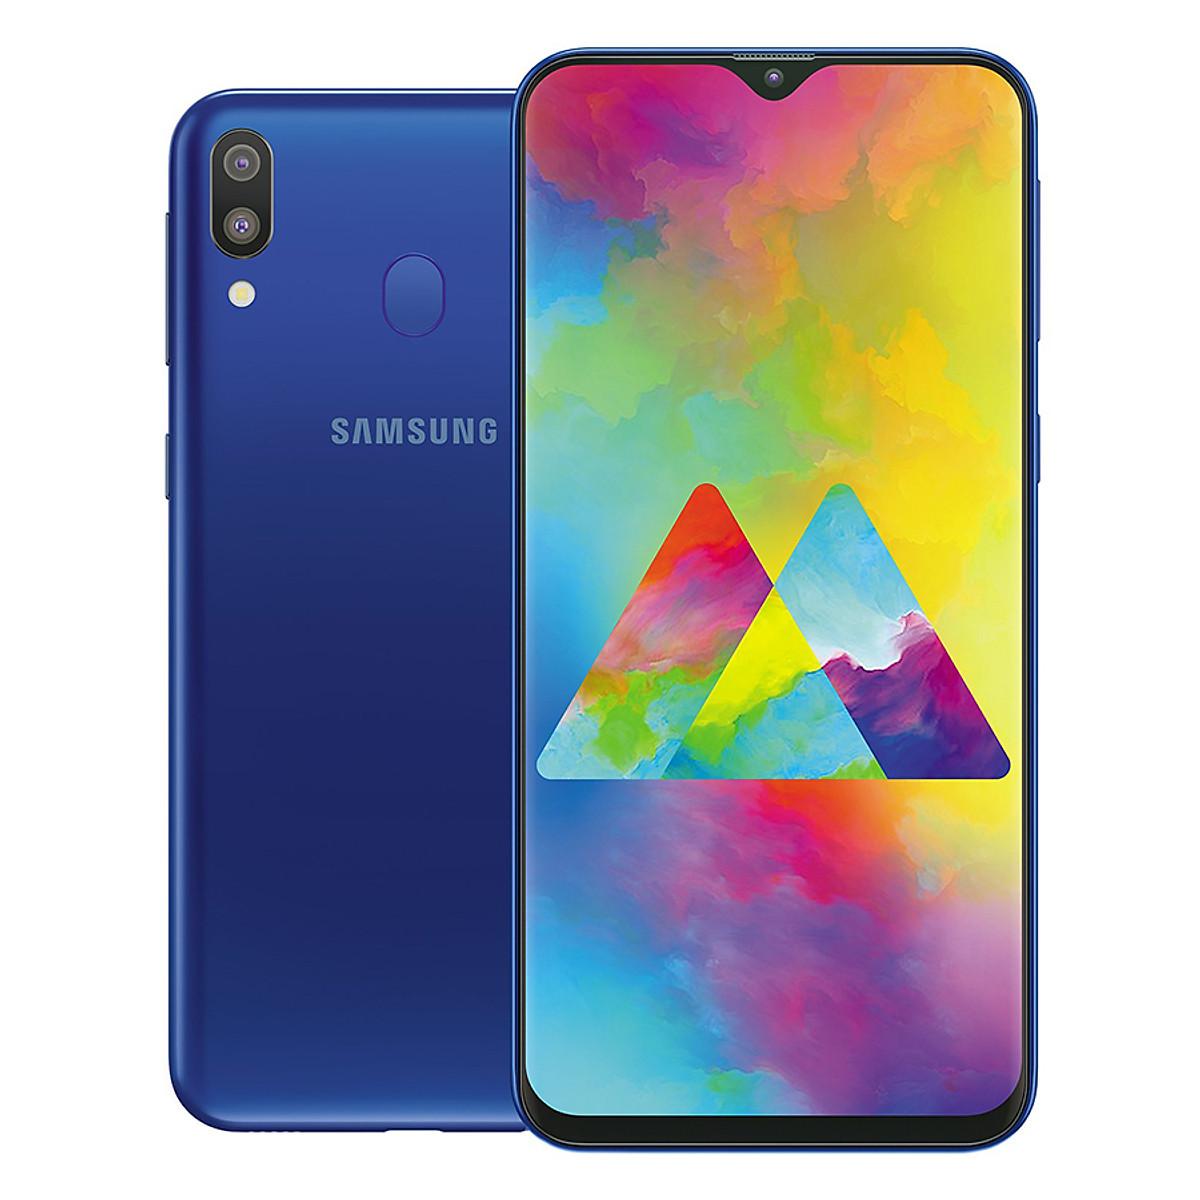 TOP Các điện thoại Samsung Galaxy giảm giá HOT - 16